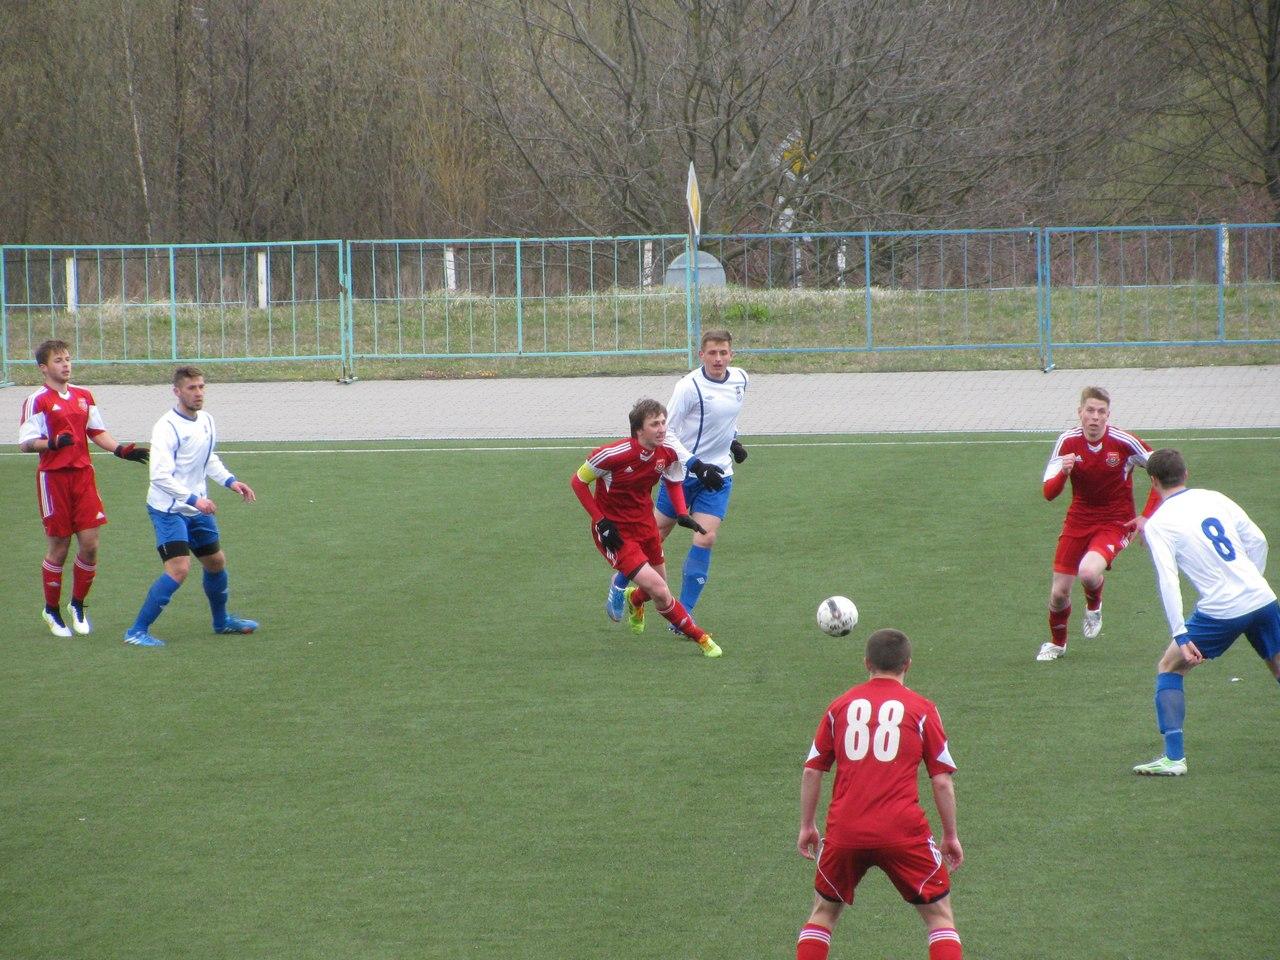 В центре поля Александр Мять (с капитанской повязкой) и Дмитрий Федорцов спешат к мячу. Фото: Дмитрий КУЗНЕЦОВ